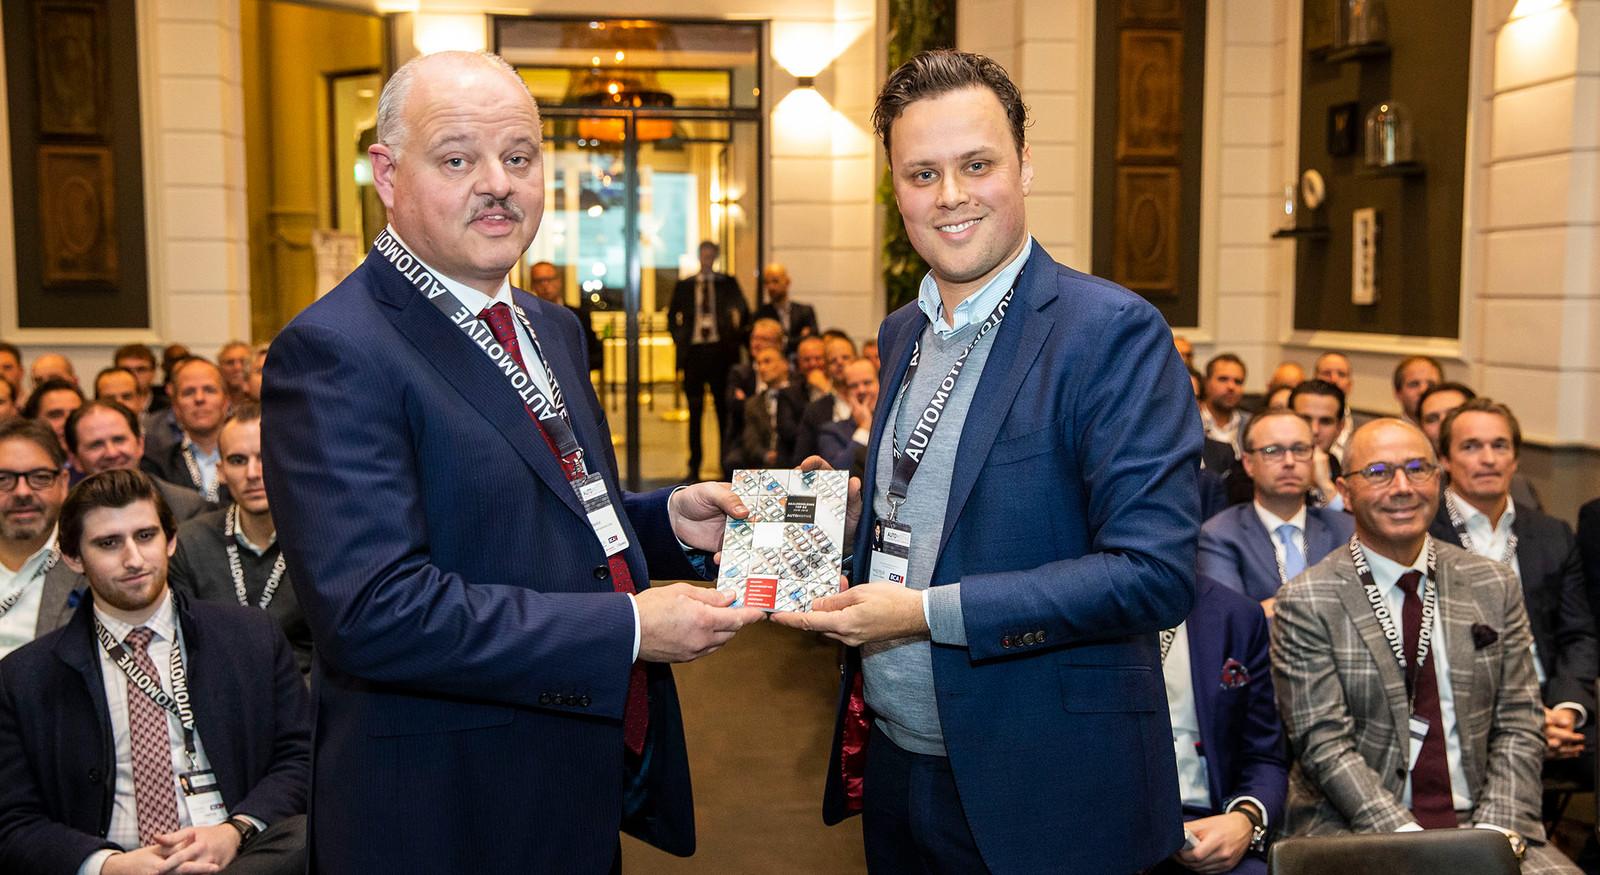 De dealerholding Van Mossel Automotive Groep uit Waalwijk is de grootste dealerholding van Nederland geworden. Eric Berkhof (links) van Van Mossel krijgt het eerste exemplaar van de Dealerholding top 60 van Bart Kuijpers, adjunct-hoofdredacteur van Automotive.